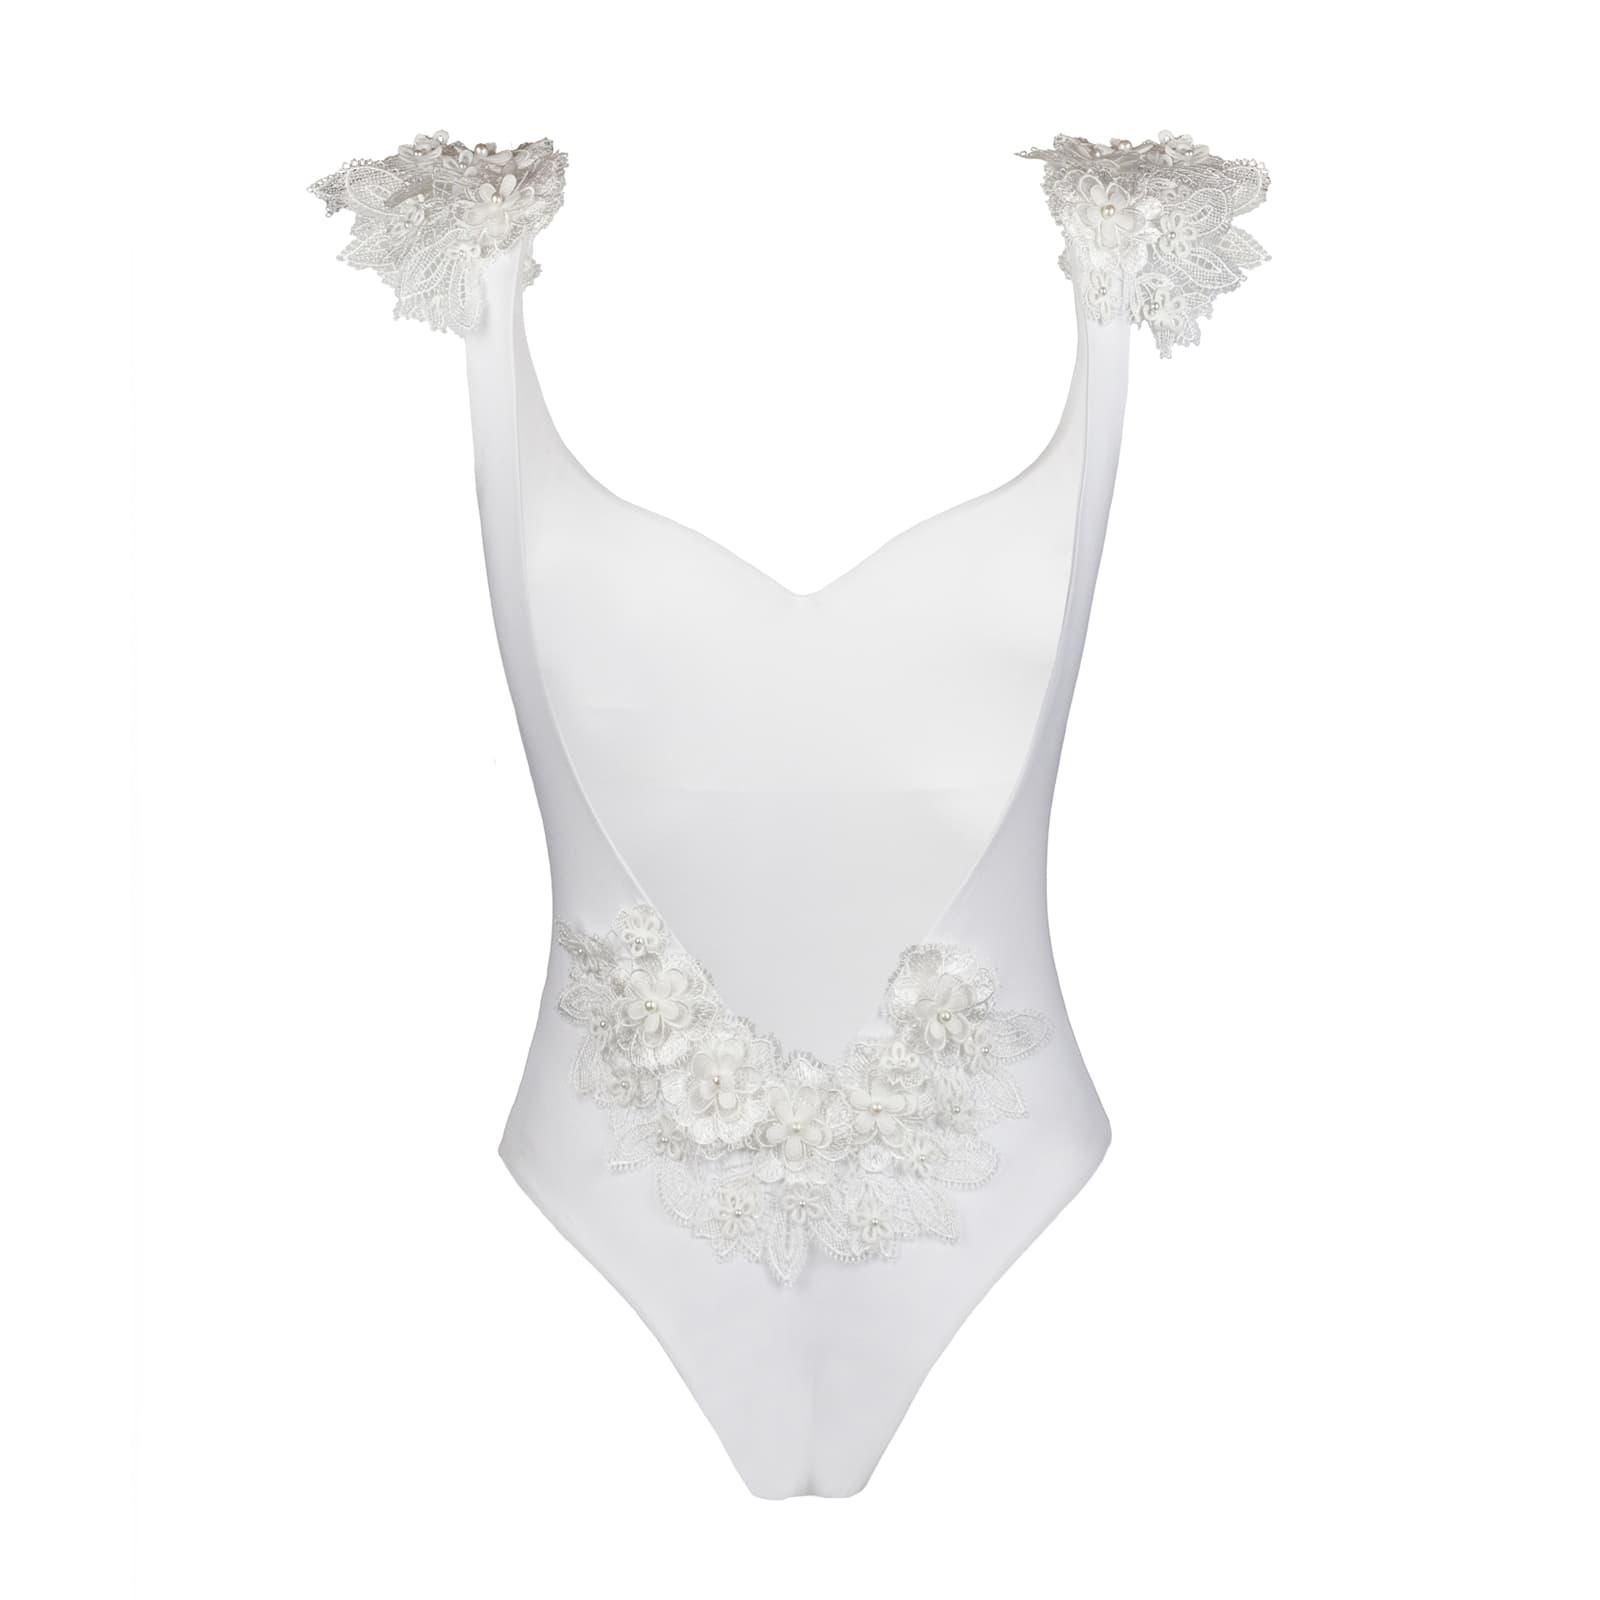 Reina white bikini swimsuit with lace costume bianco bikini bianco con pizzo hen's party costume da bagno intero addio al nubilato amiche damigelle pizzo sposa